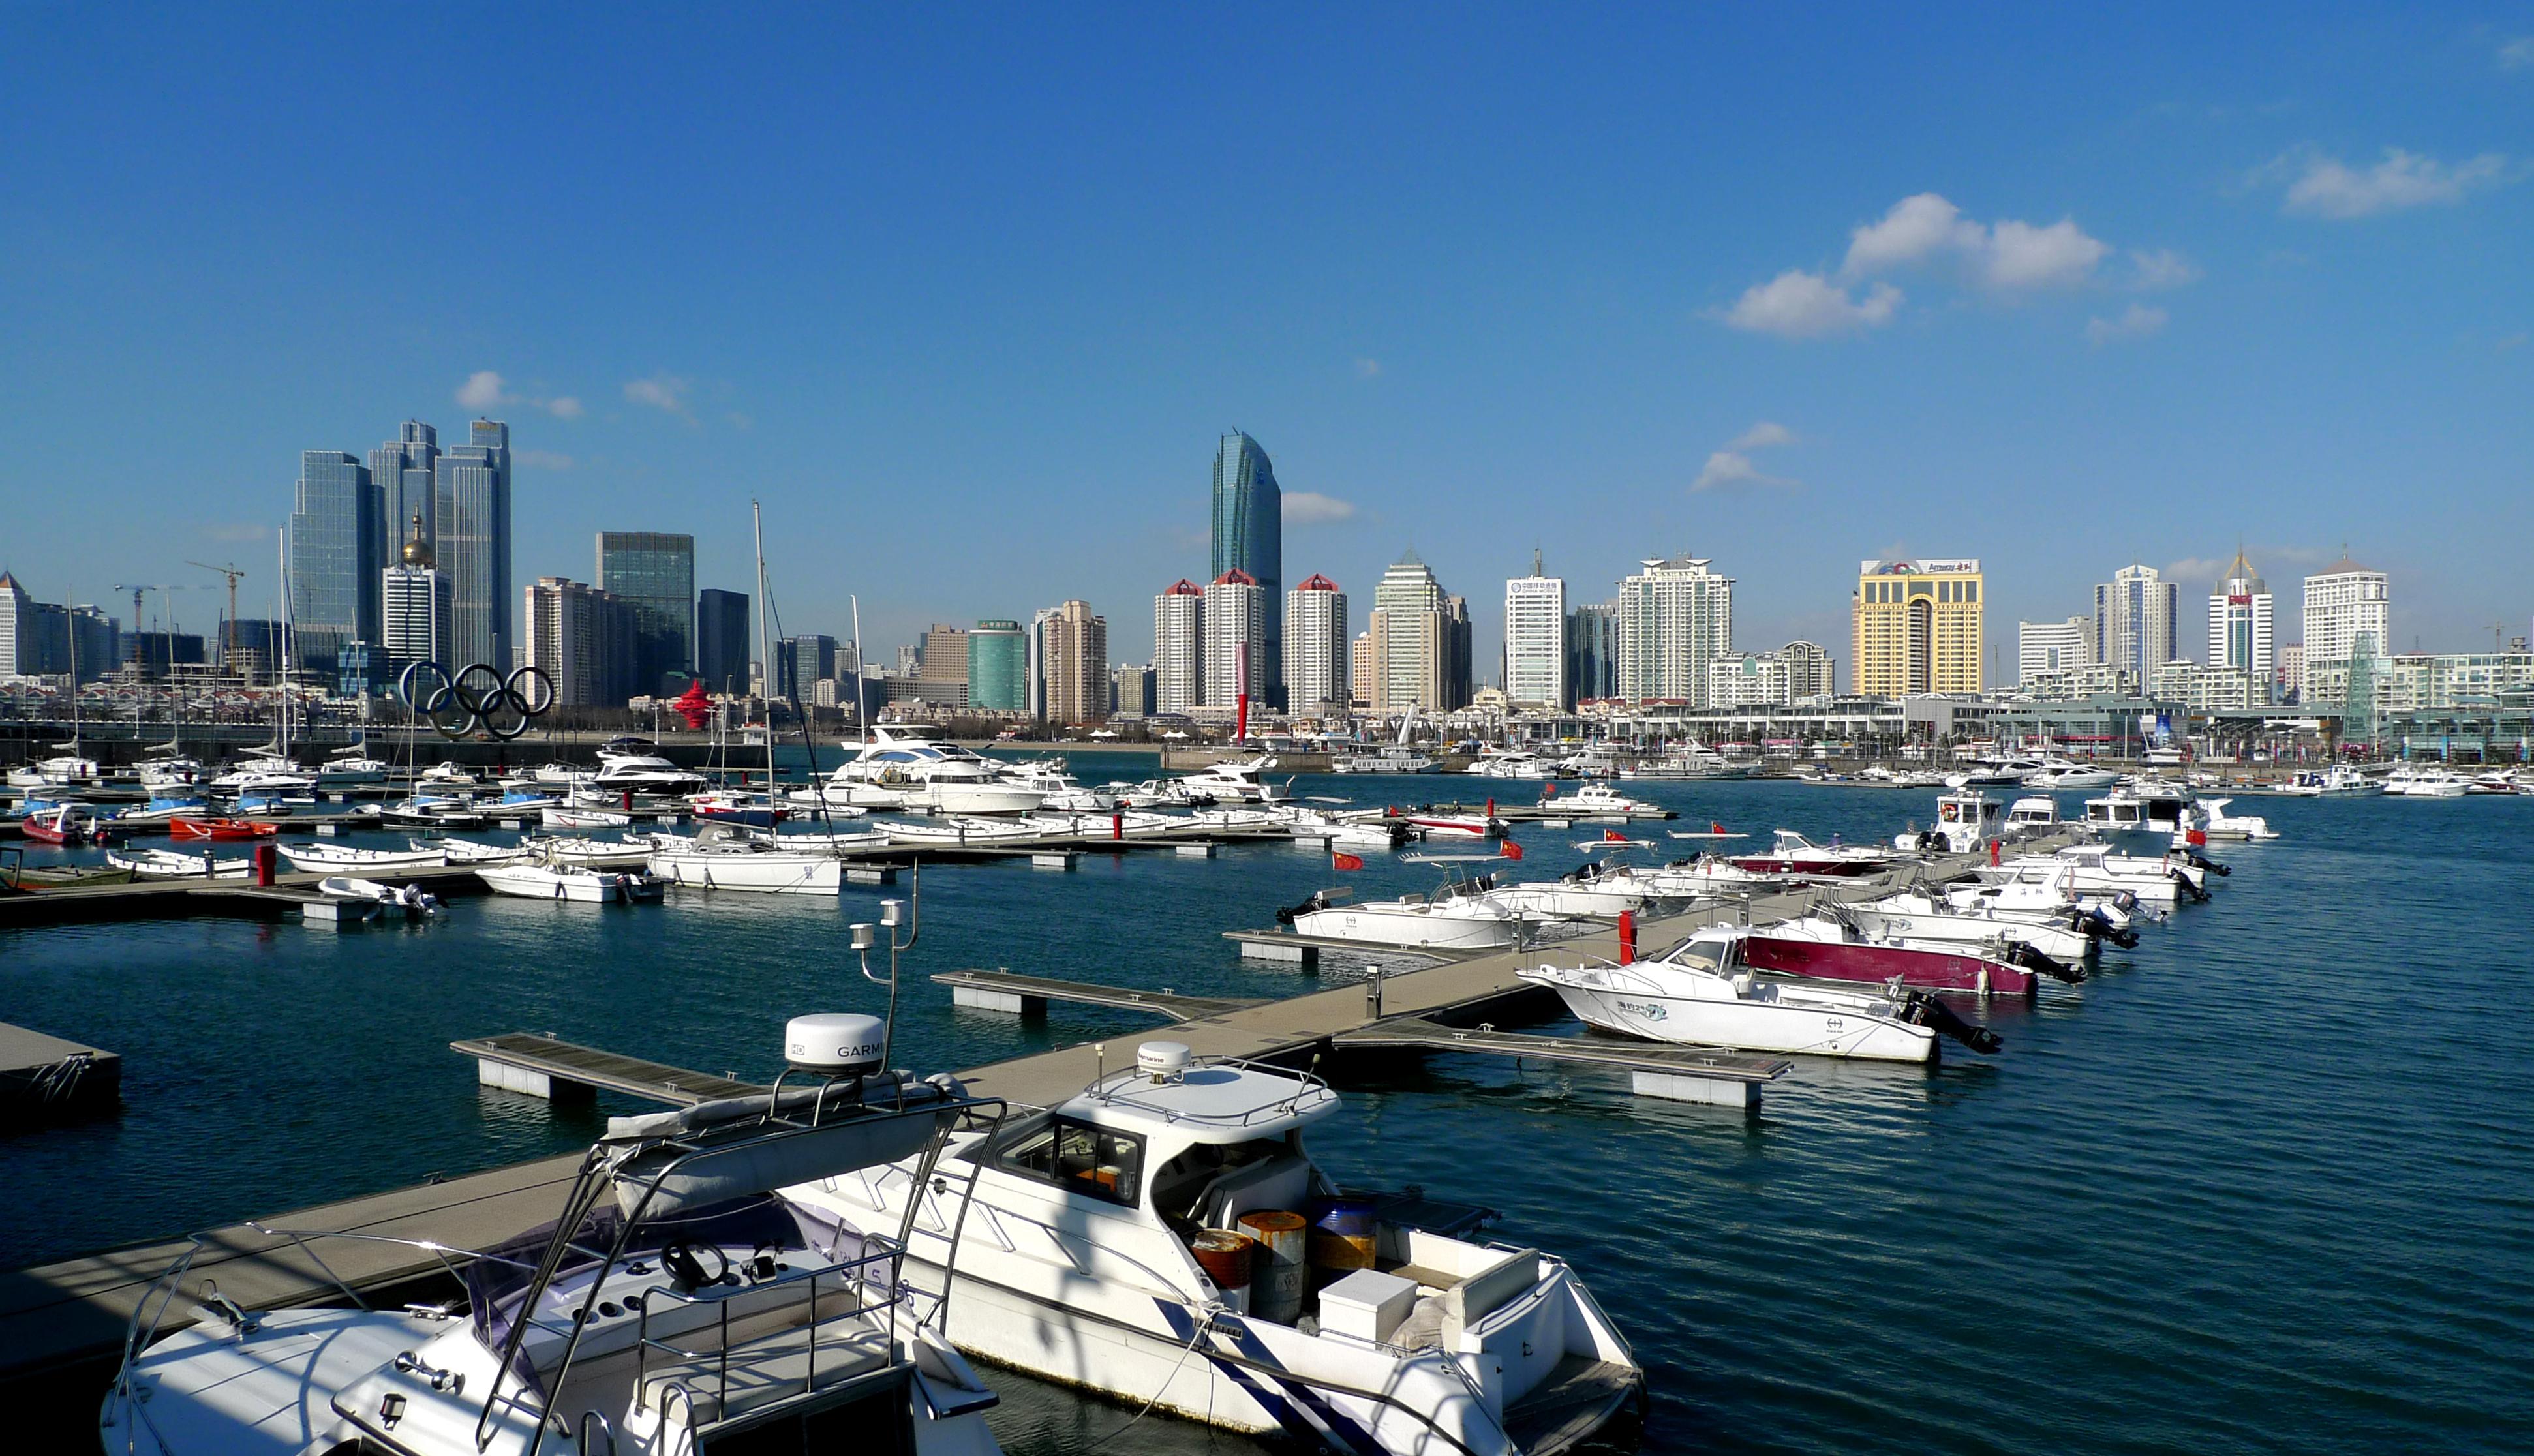 阳光半岛国际酒店帆船